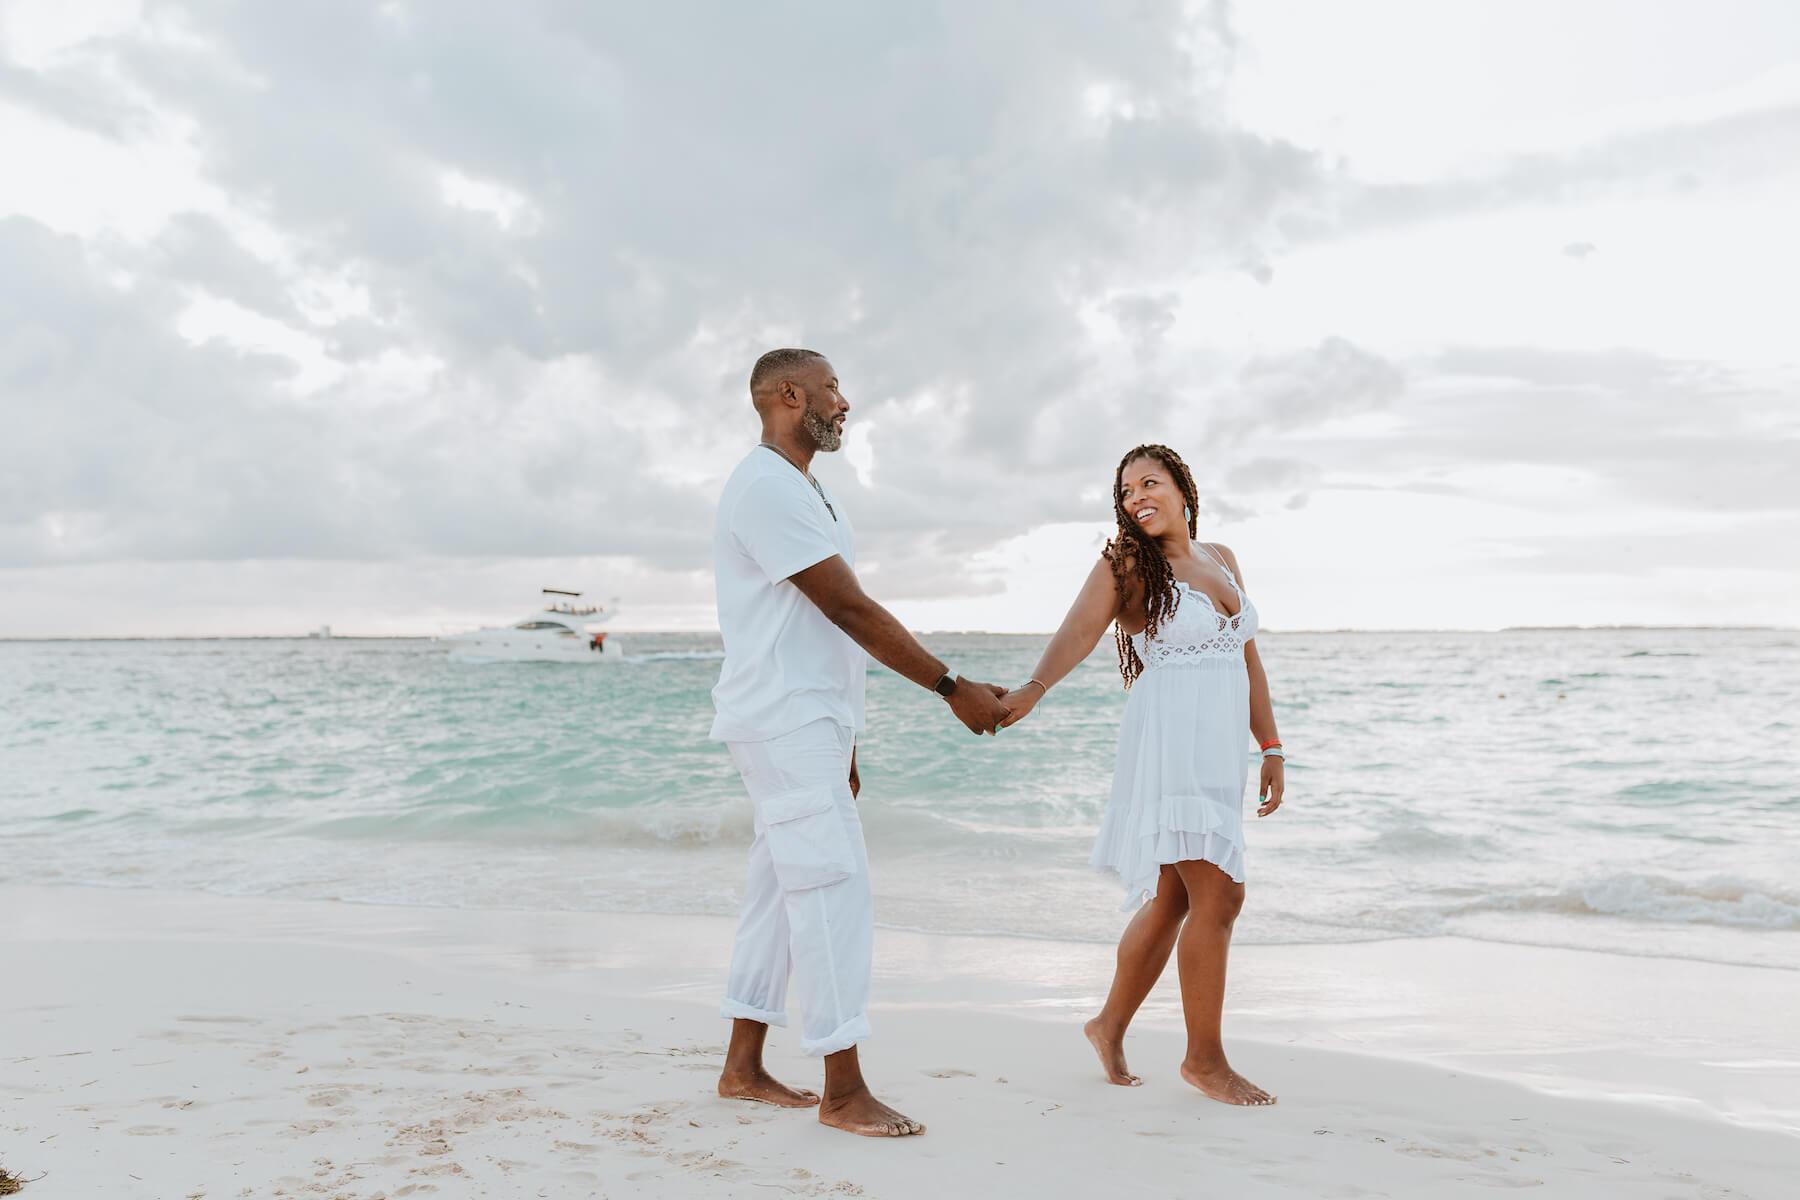 Best Activities off Your Resort in Cancún